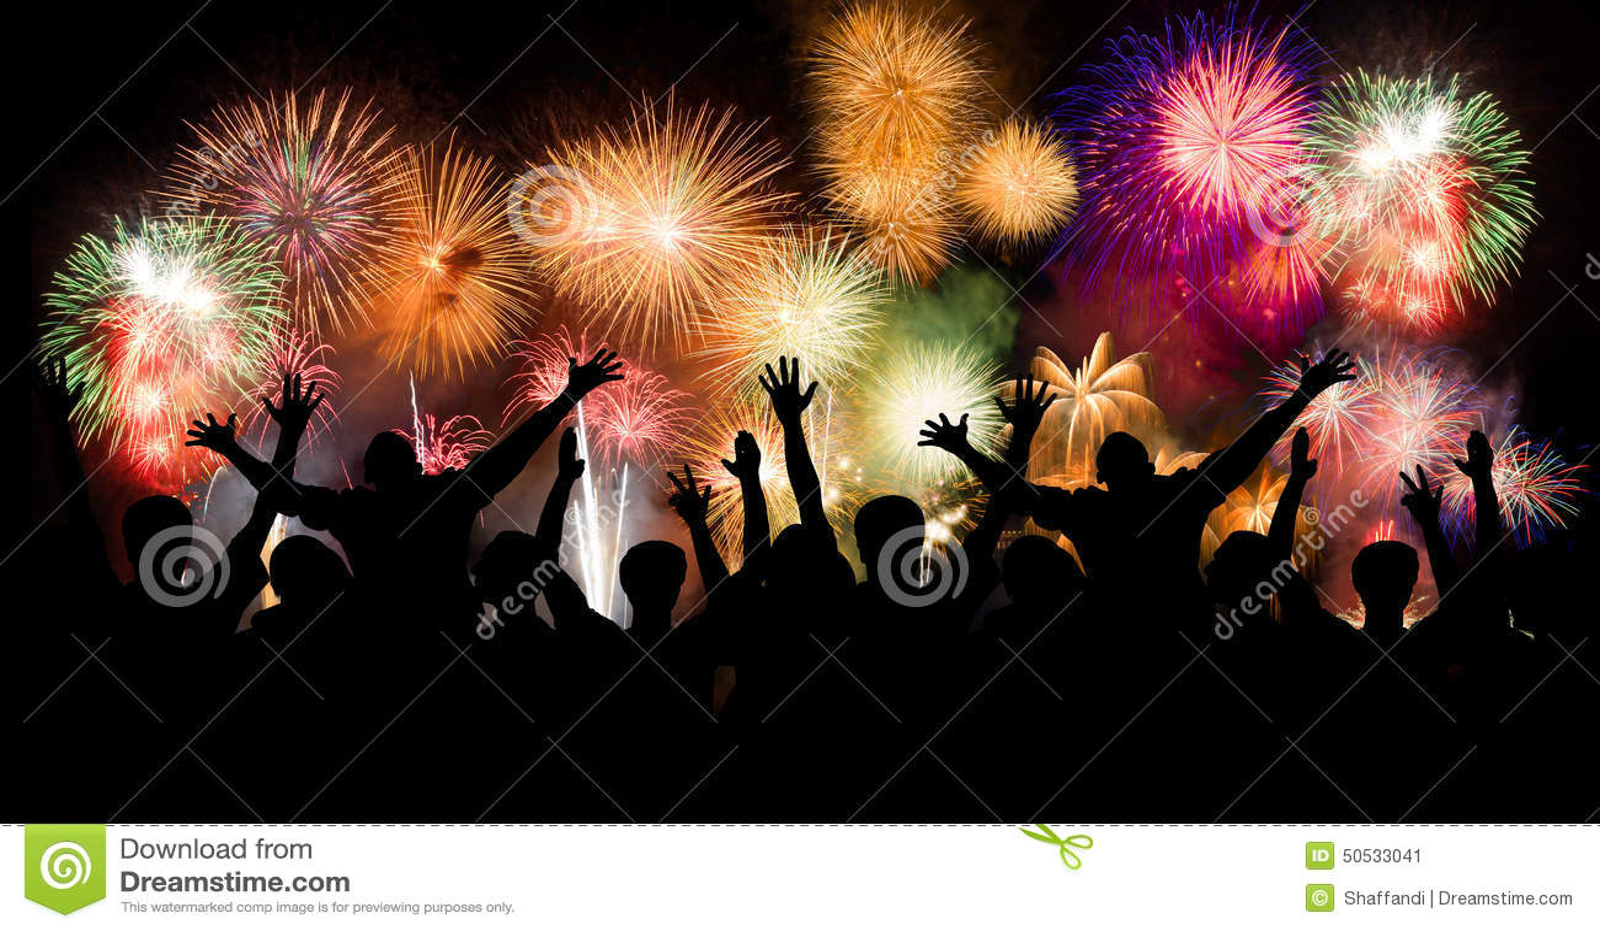 El grupo de personas que goza de los fuegos artificiales espectaculares muestra en un carnaval o un día de fiesta